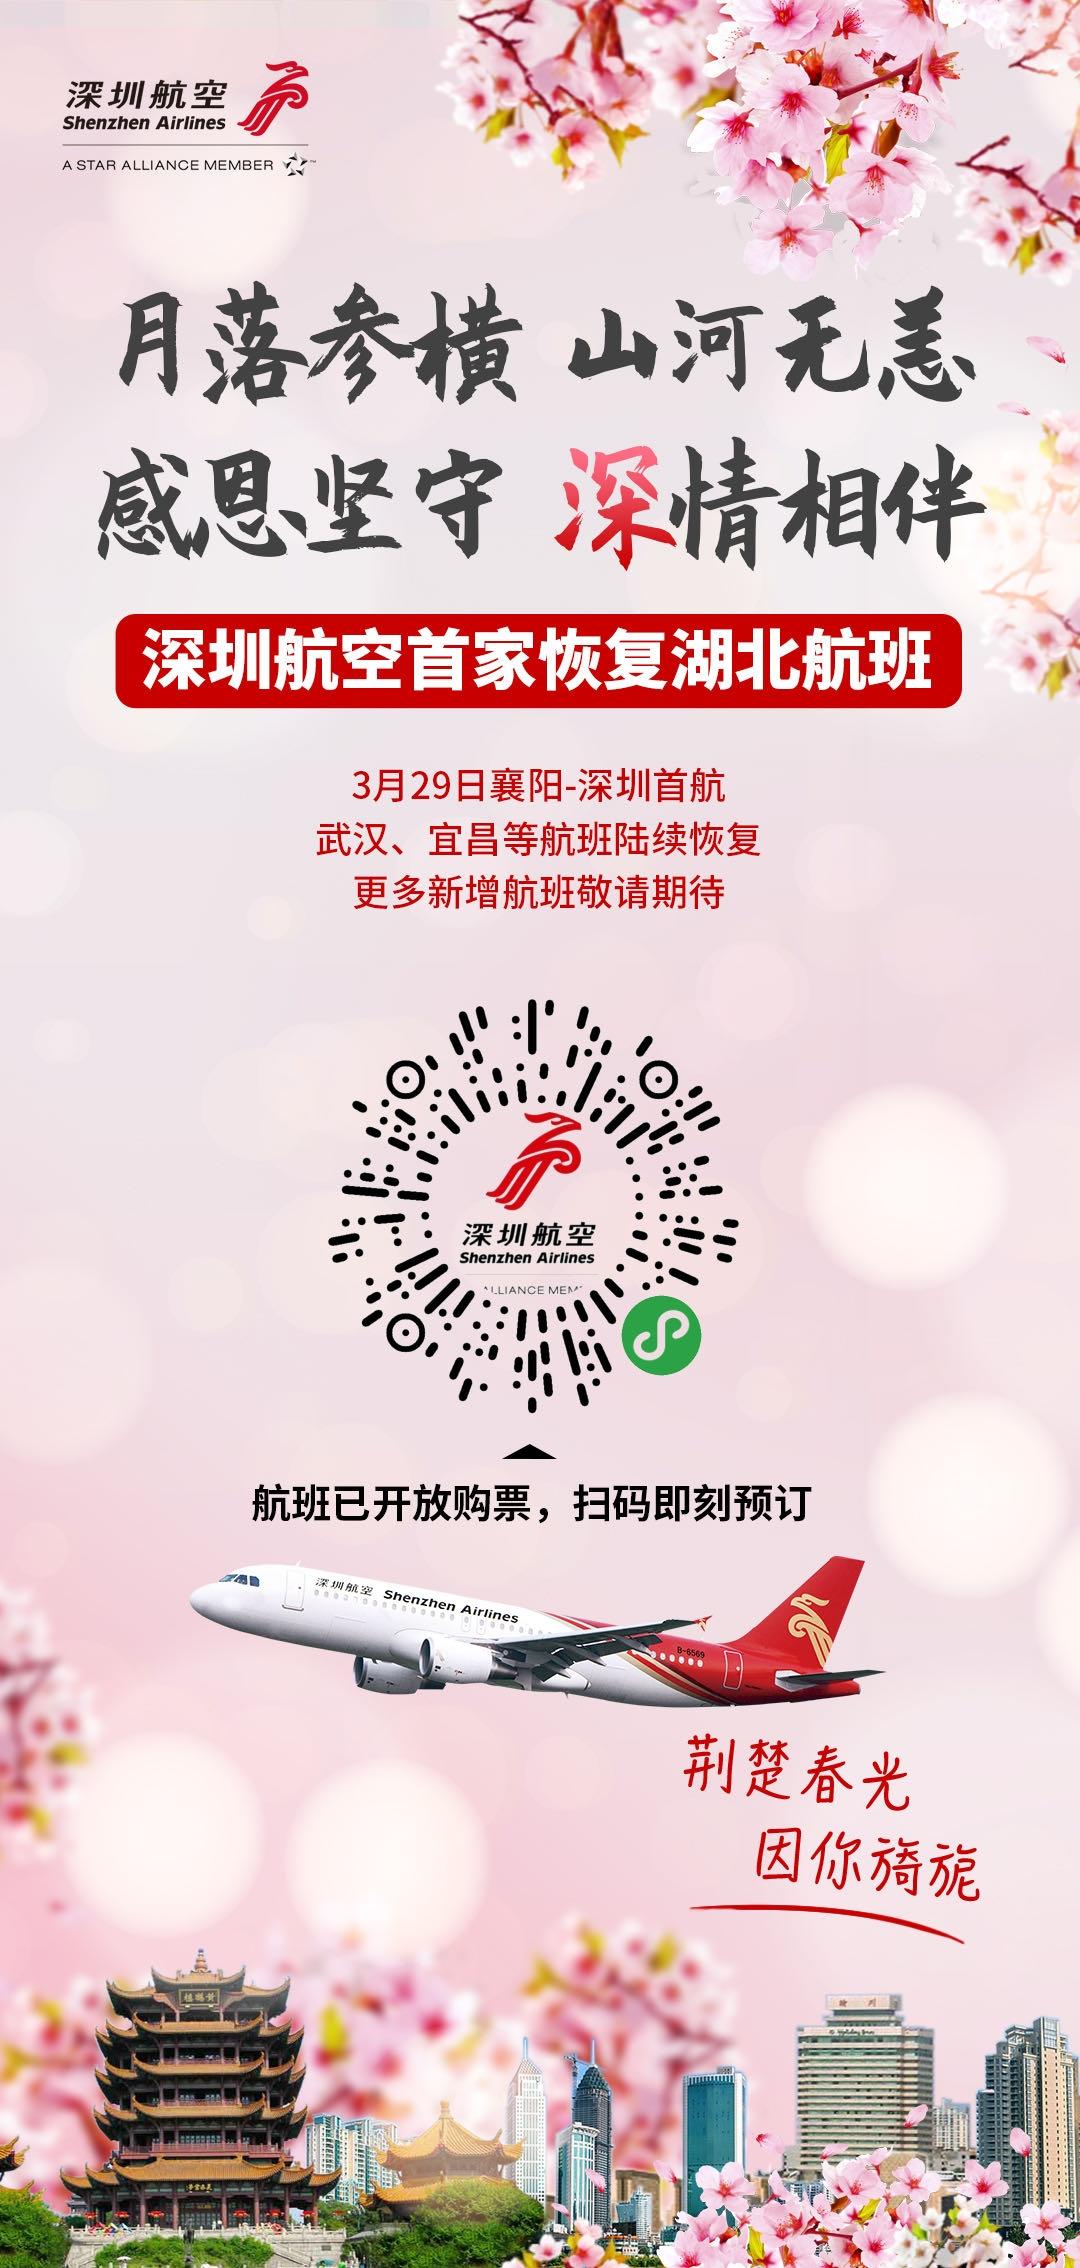 如何致富赚钱:29日起 湖北除武汉外其他机场恢复国内客运航班 | 深航首家恢复